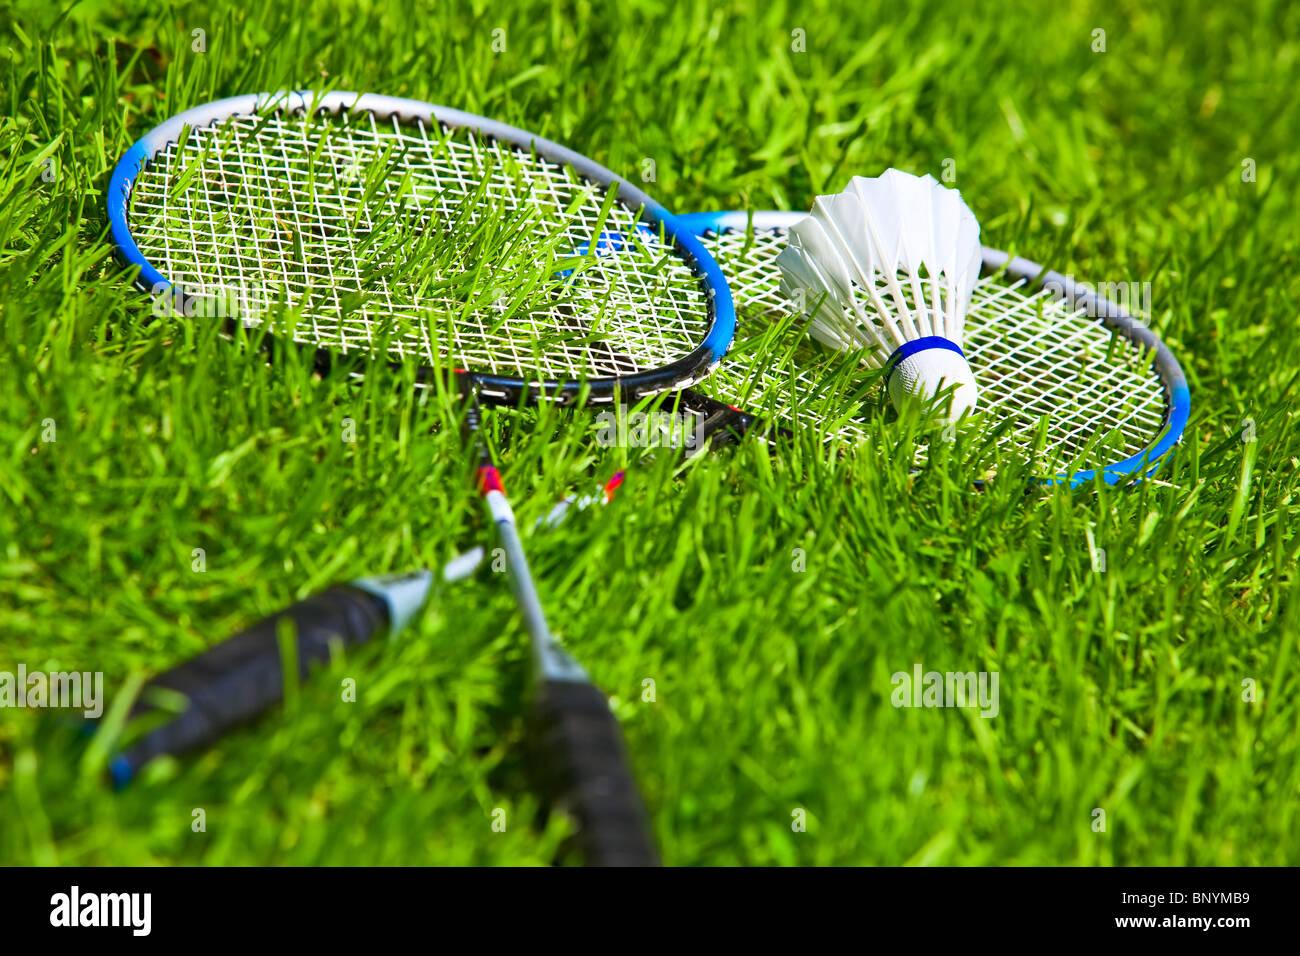 Badminton Racchette sul prato verde. Immagini Stock